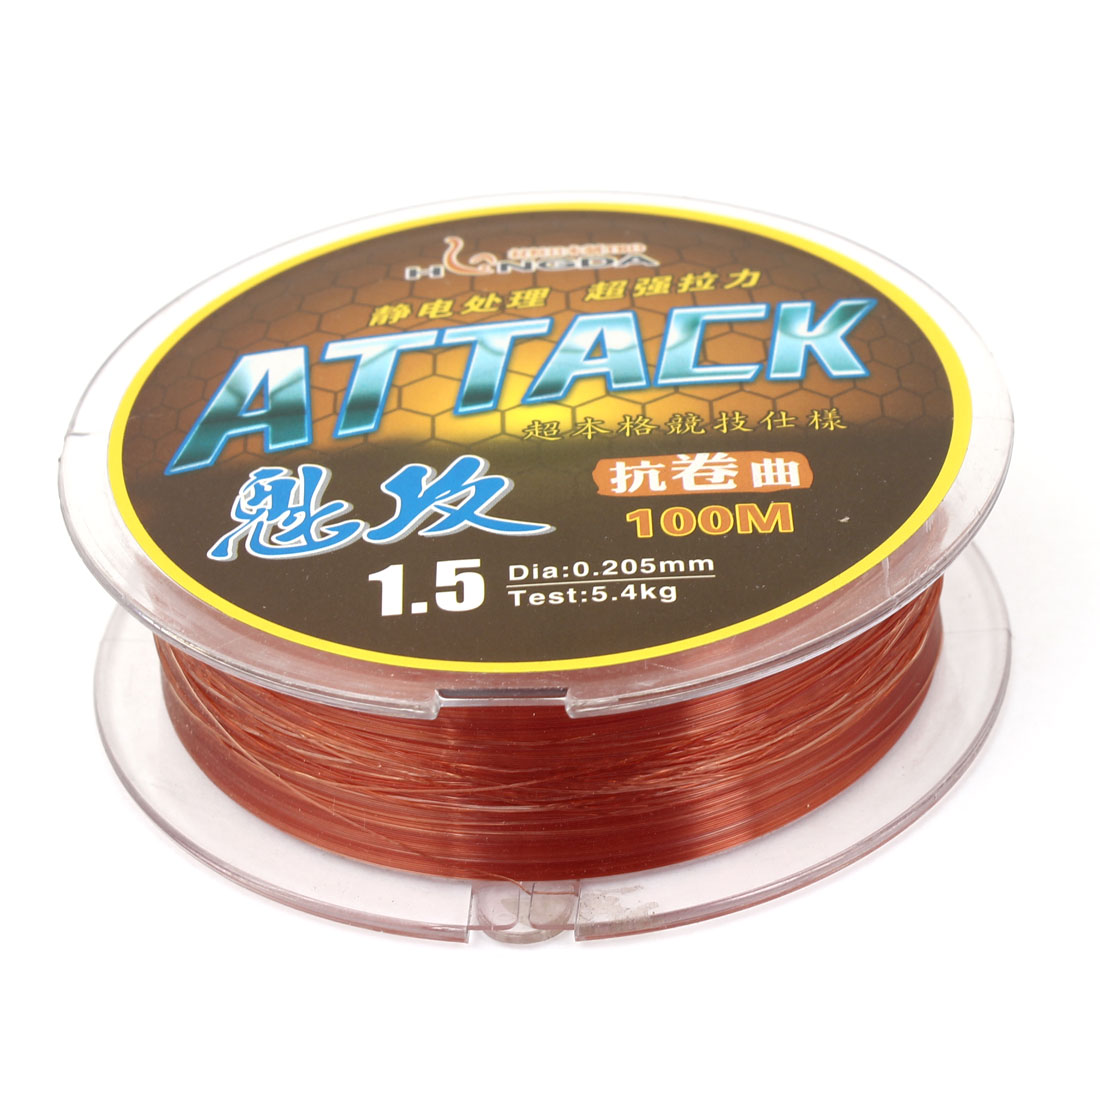 Brown Nylon Thread 0.205mm Diameter 5.4Kg Fishing Line Spool 100M